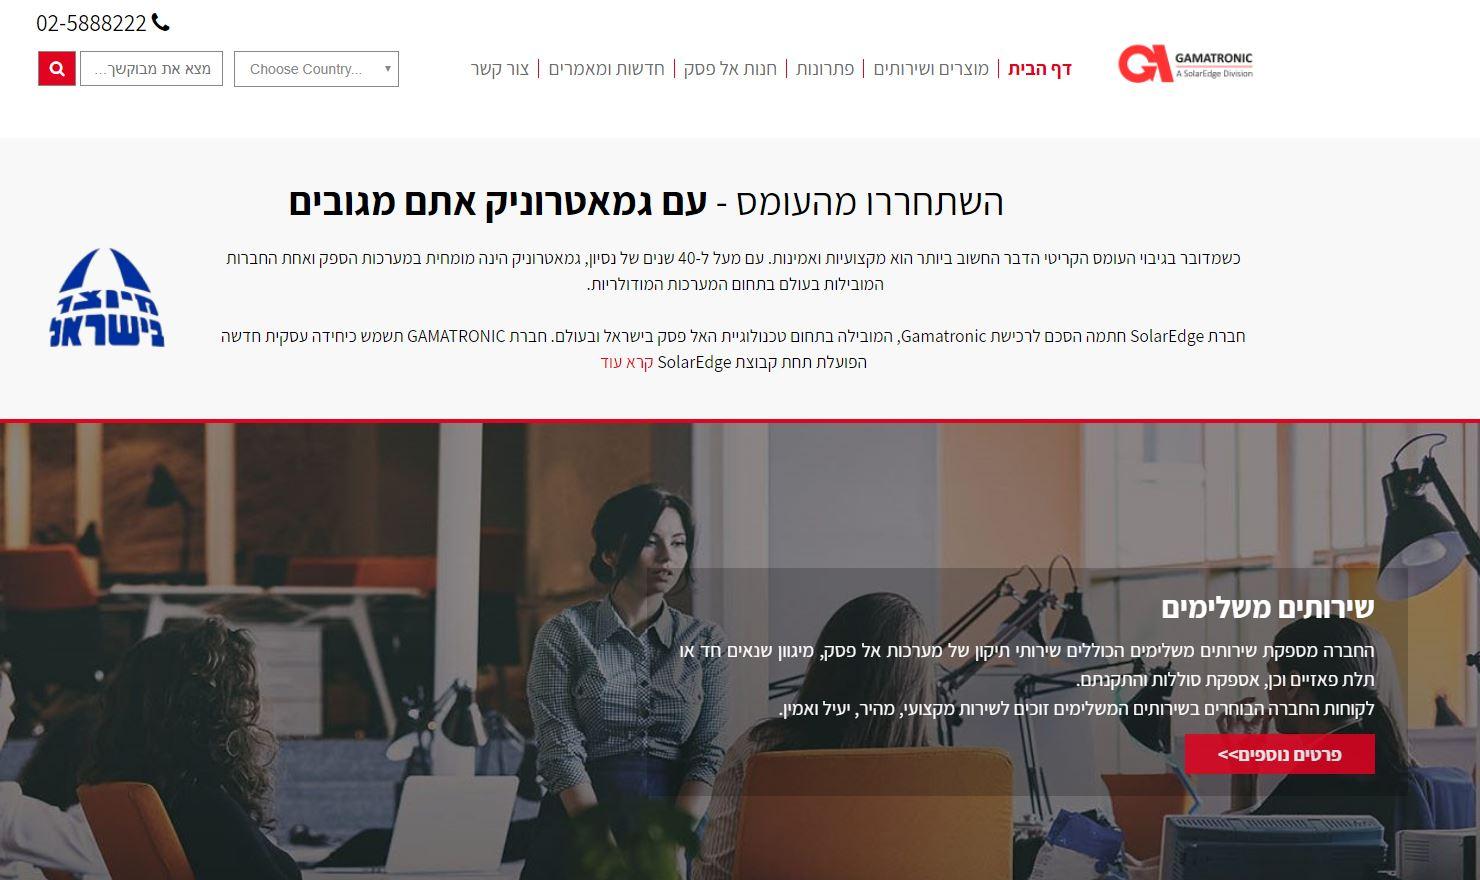 צילום מסך אתר גמאטרוניק ישראל